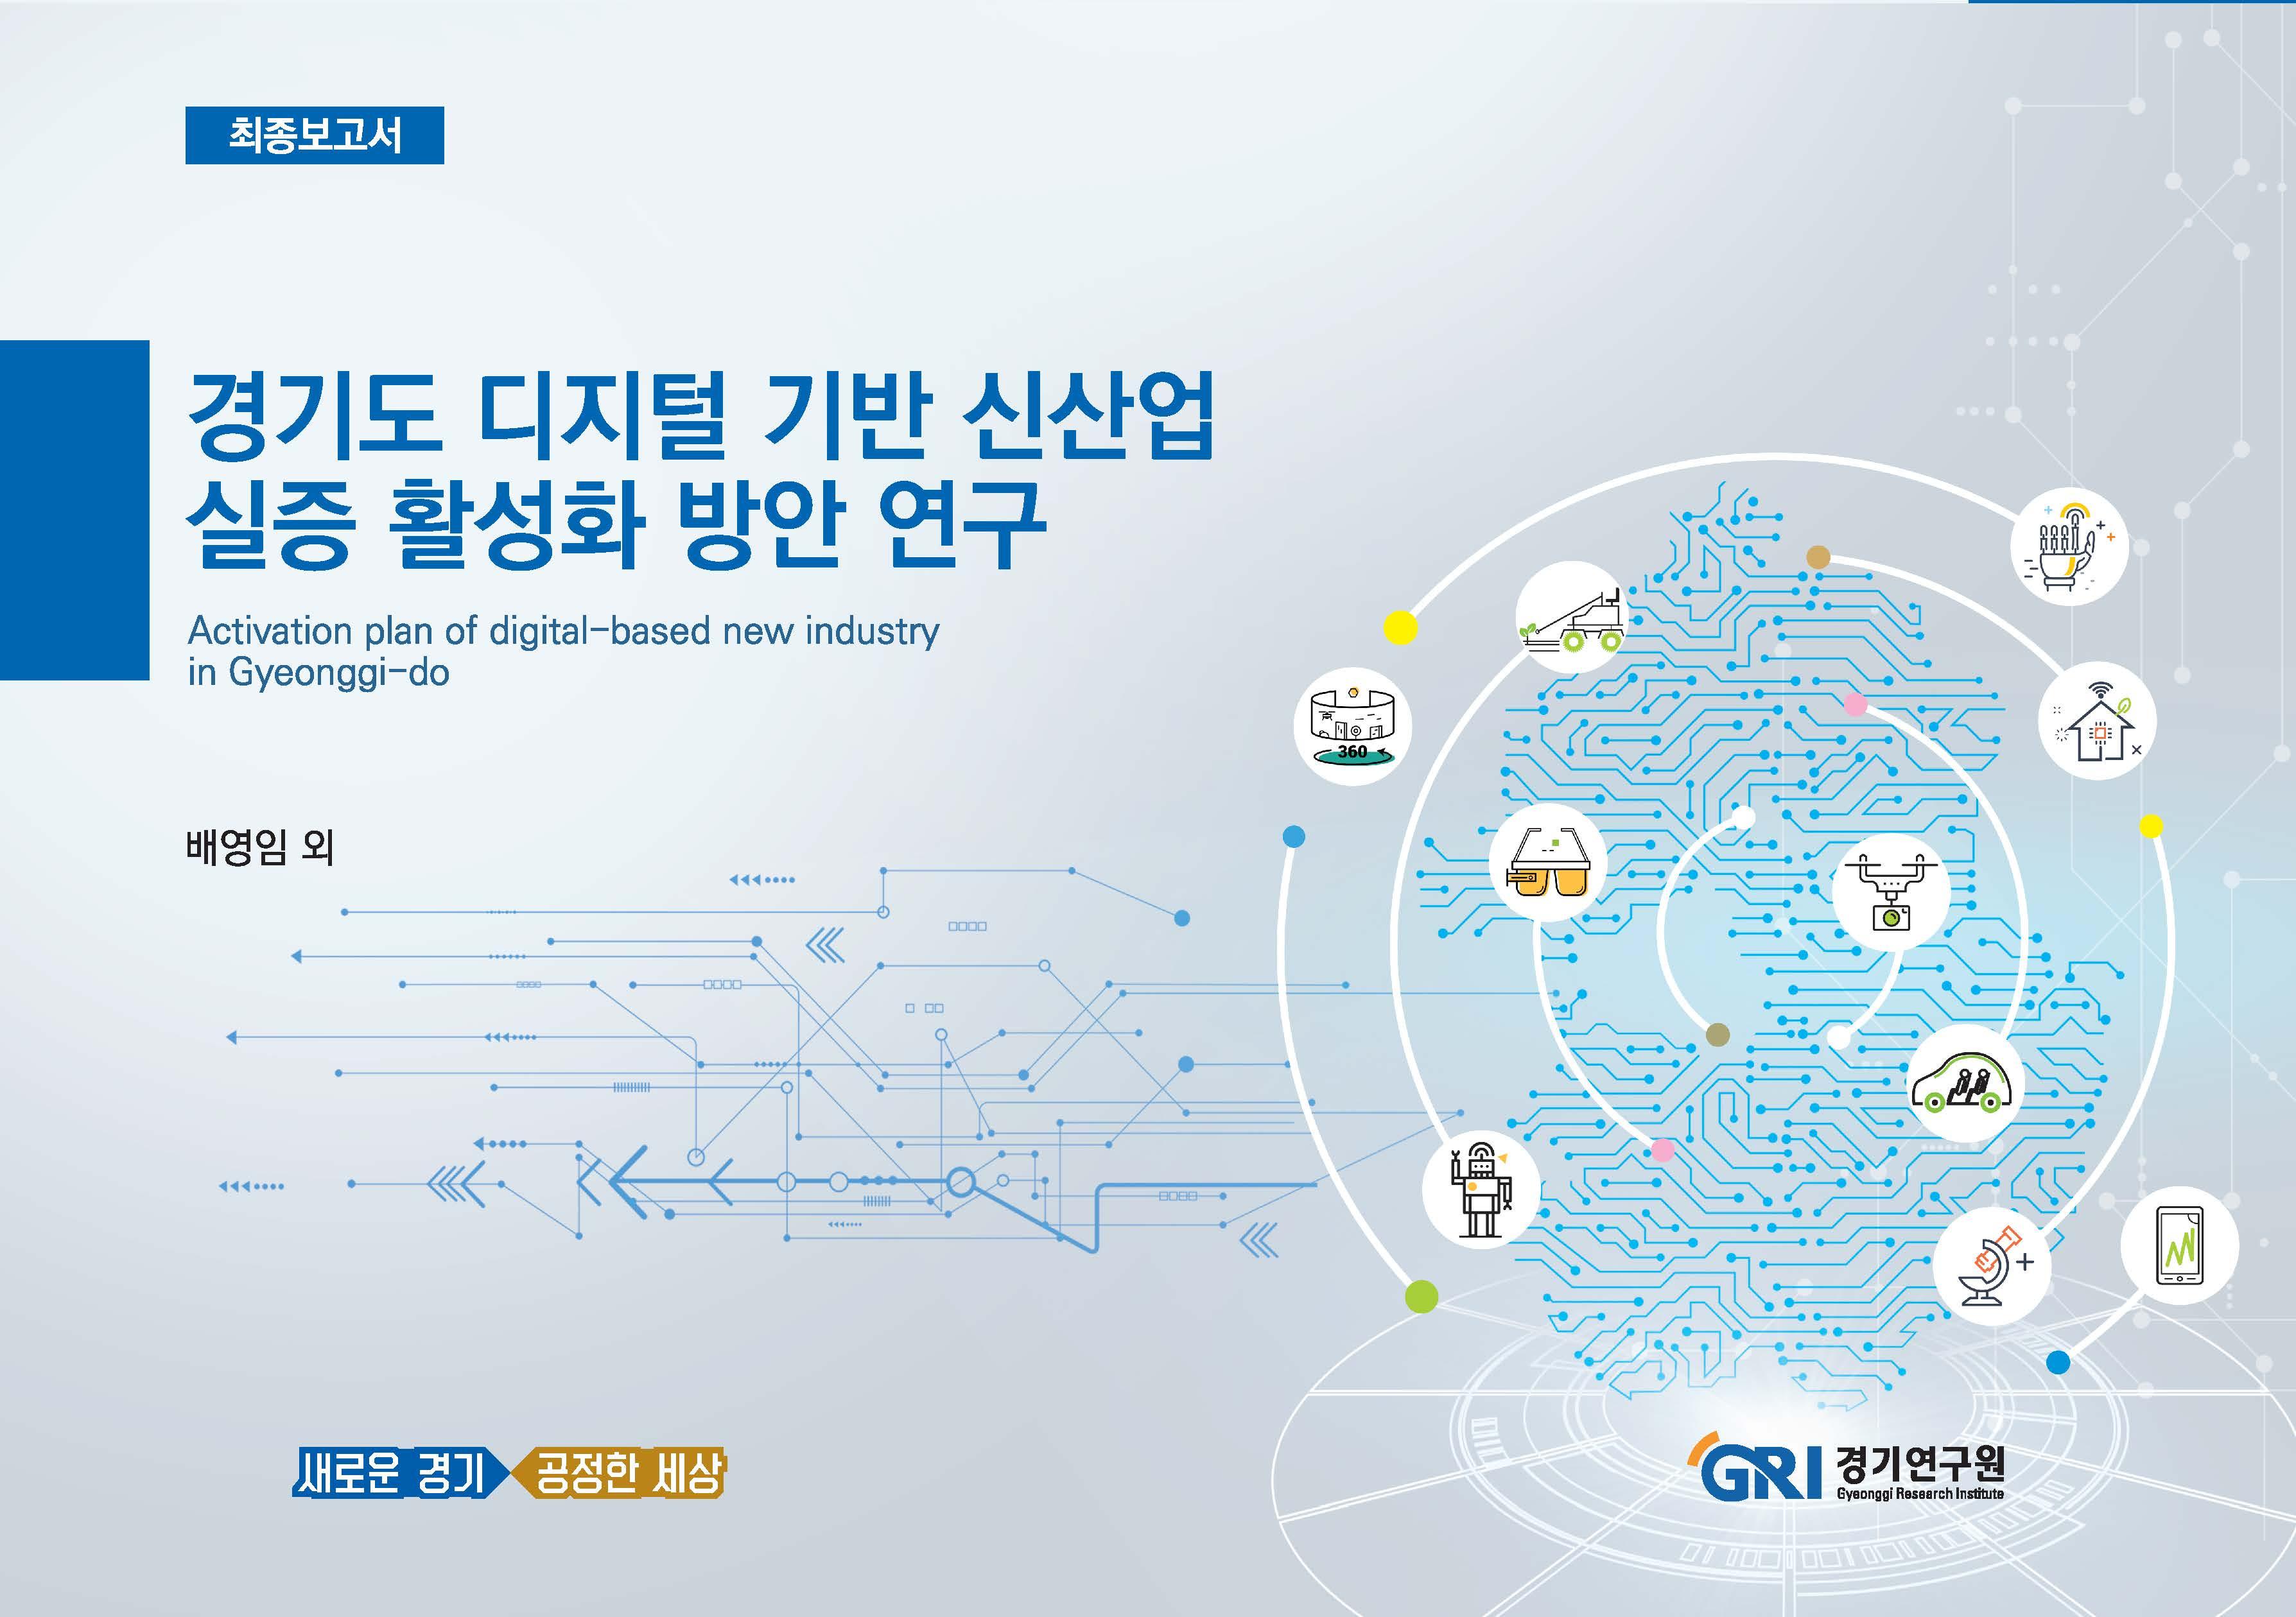 경기도 디지털 기반 신산업 실증 활성화 방안 연구